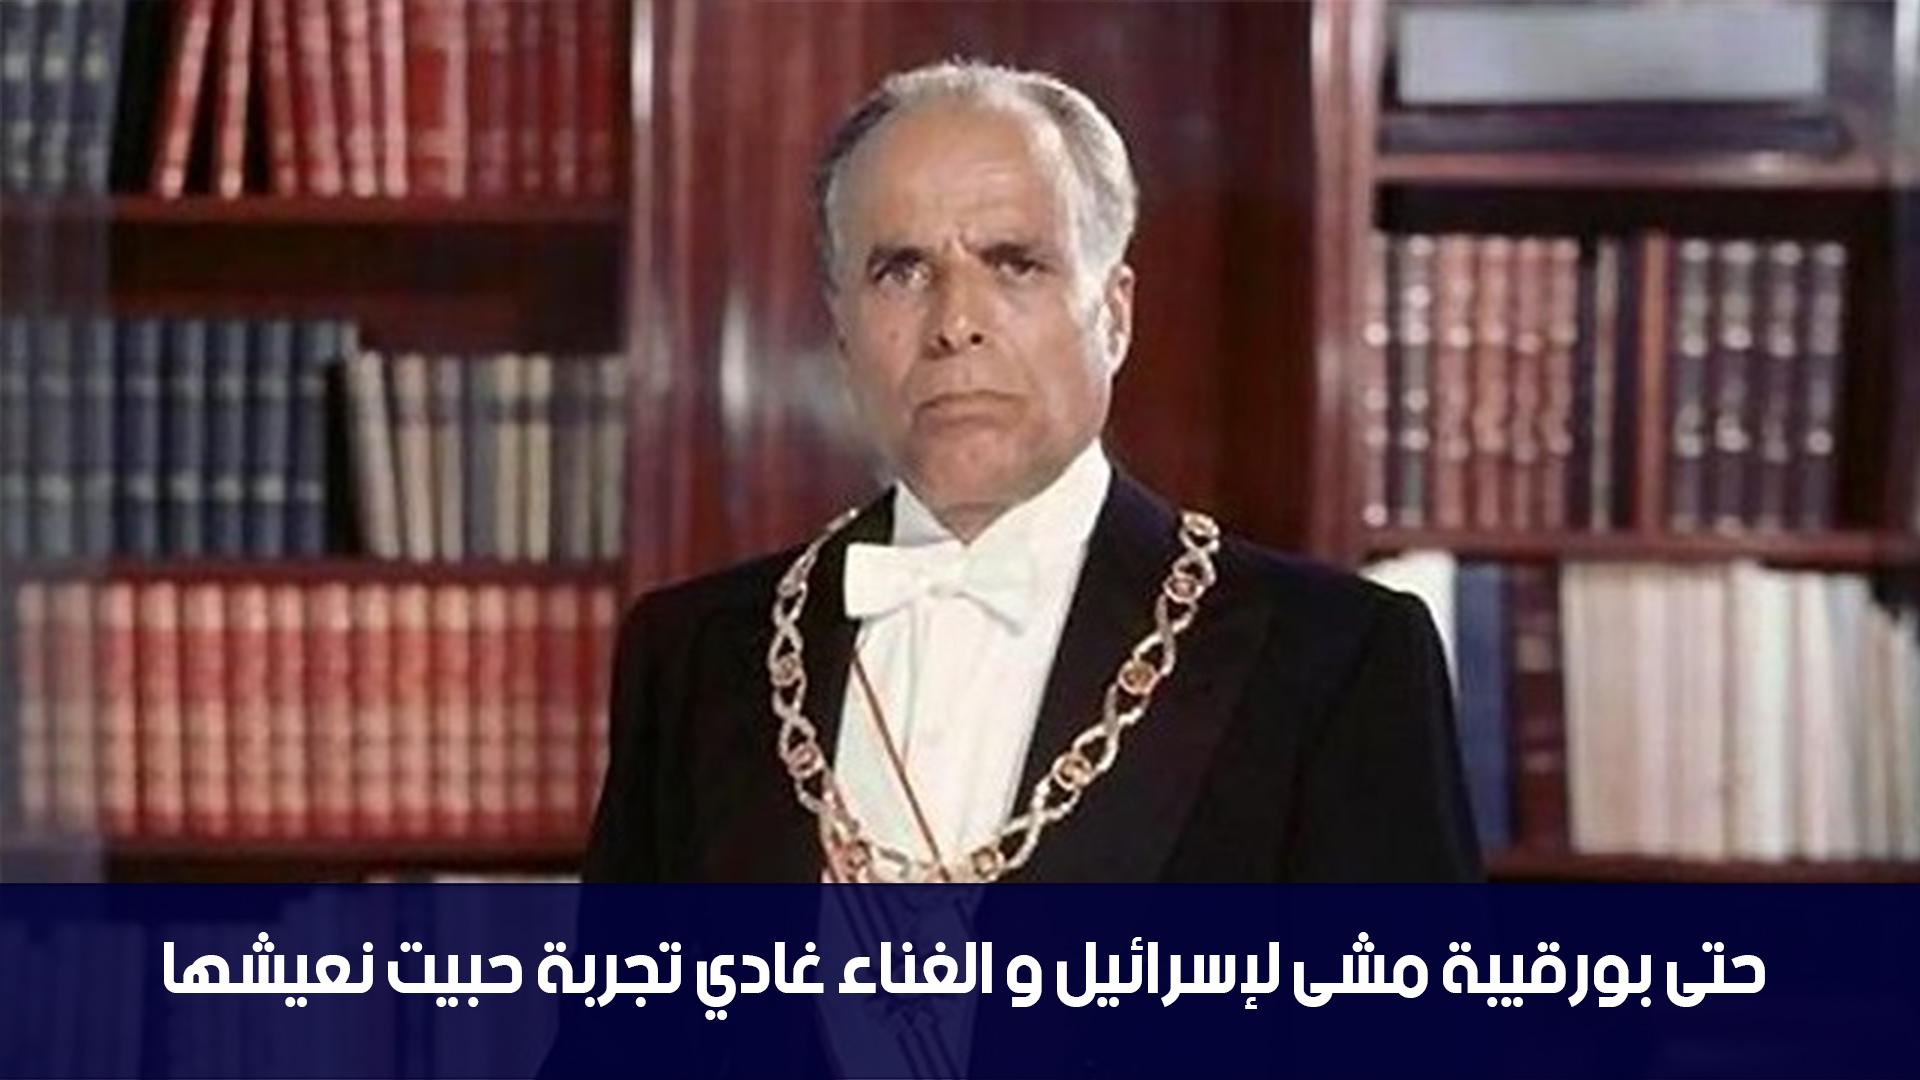 محسن شريف : حتى بورقيبة مشى لإسرائيل و الغناء غادي تجربة حبيت نعيشها